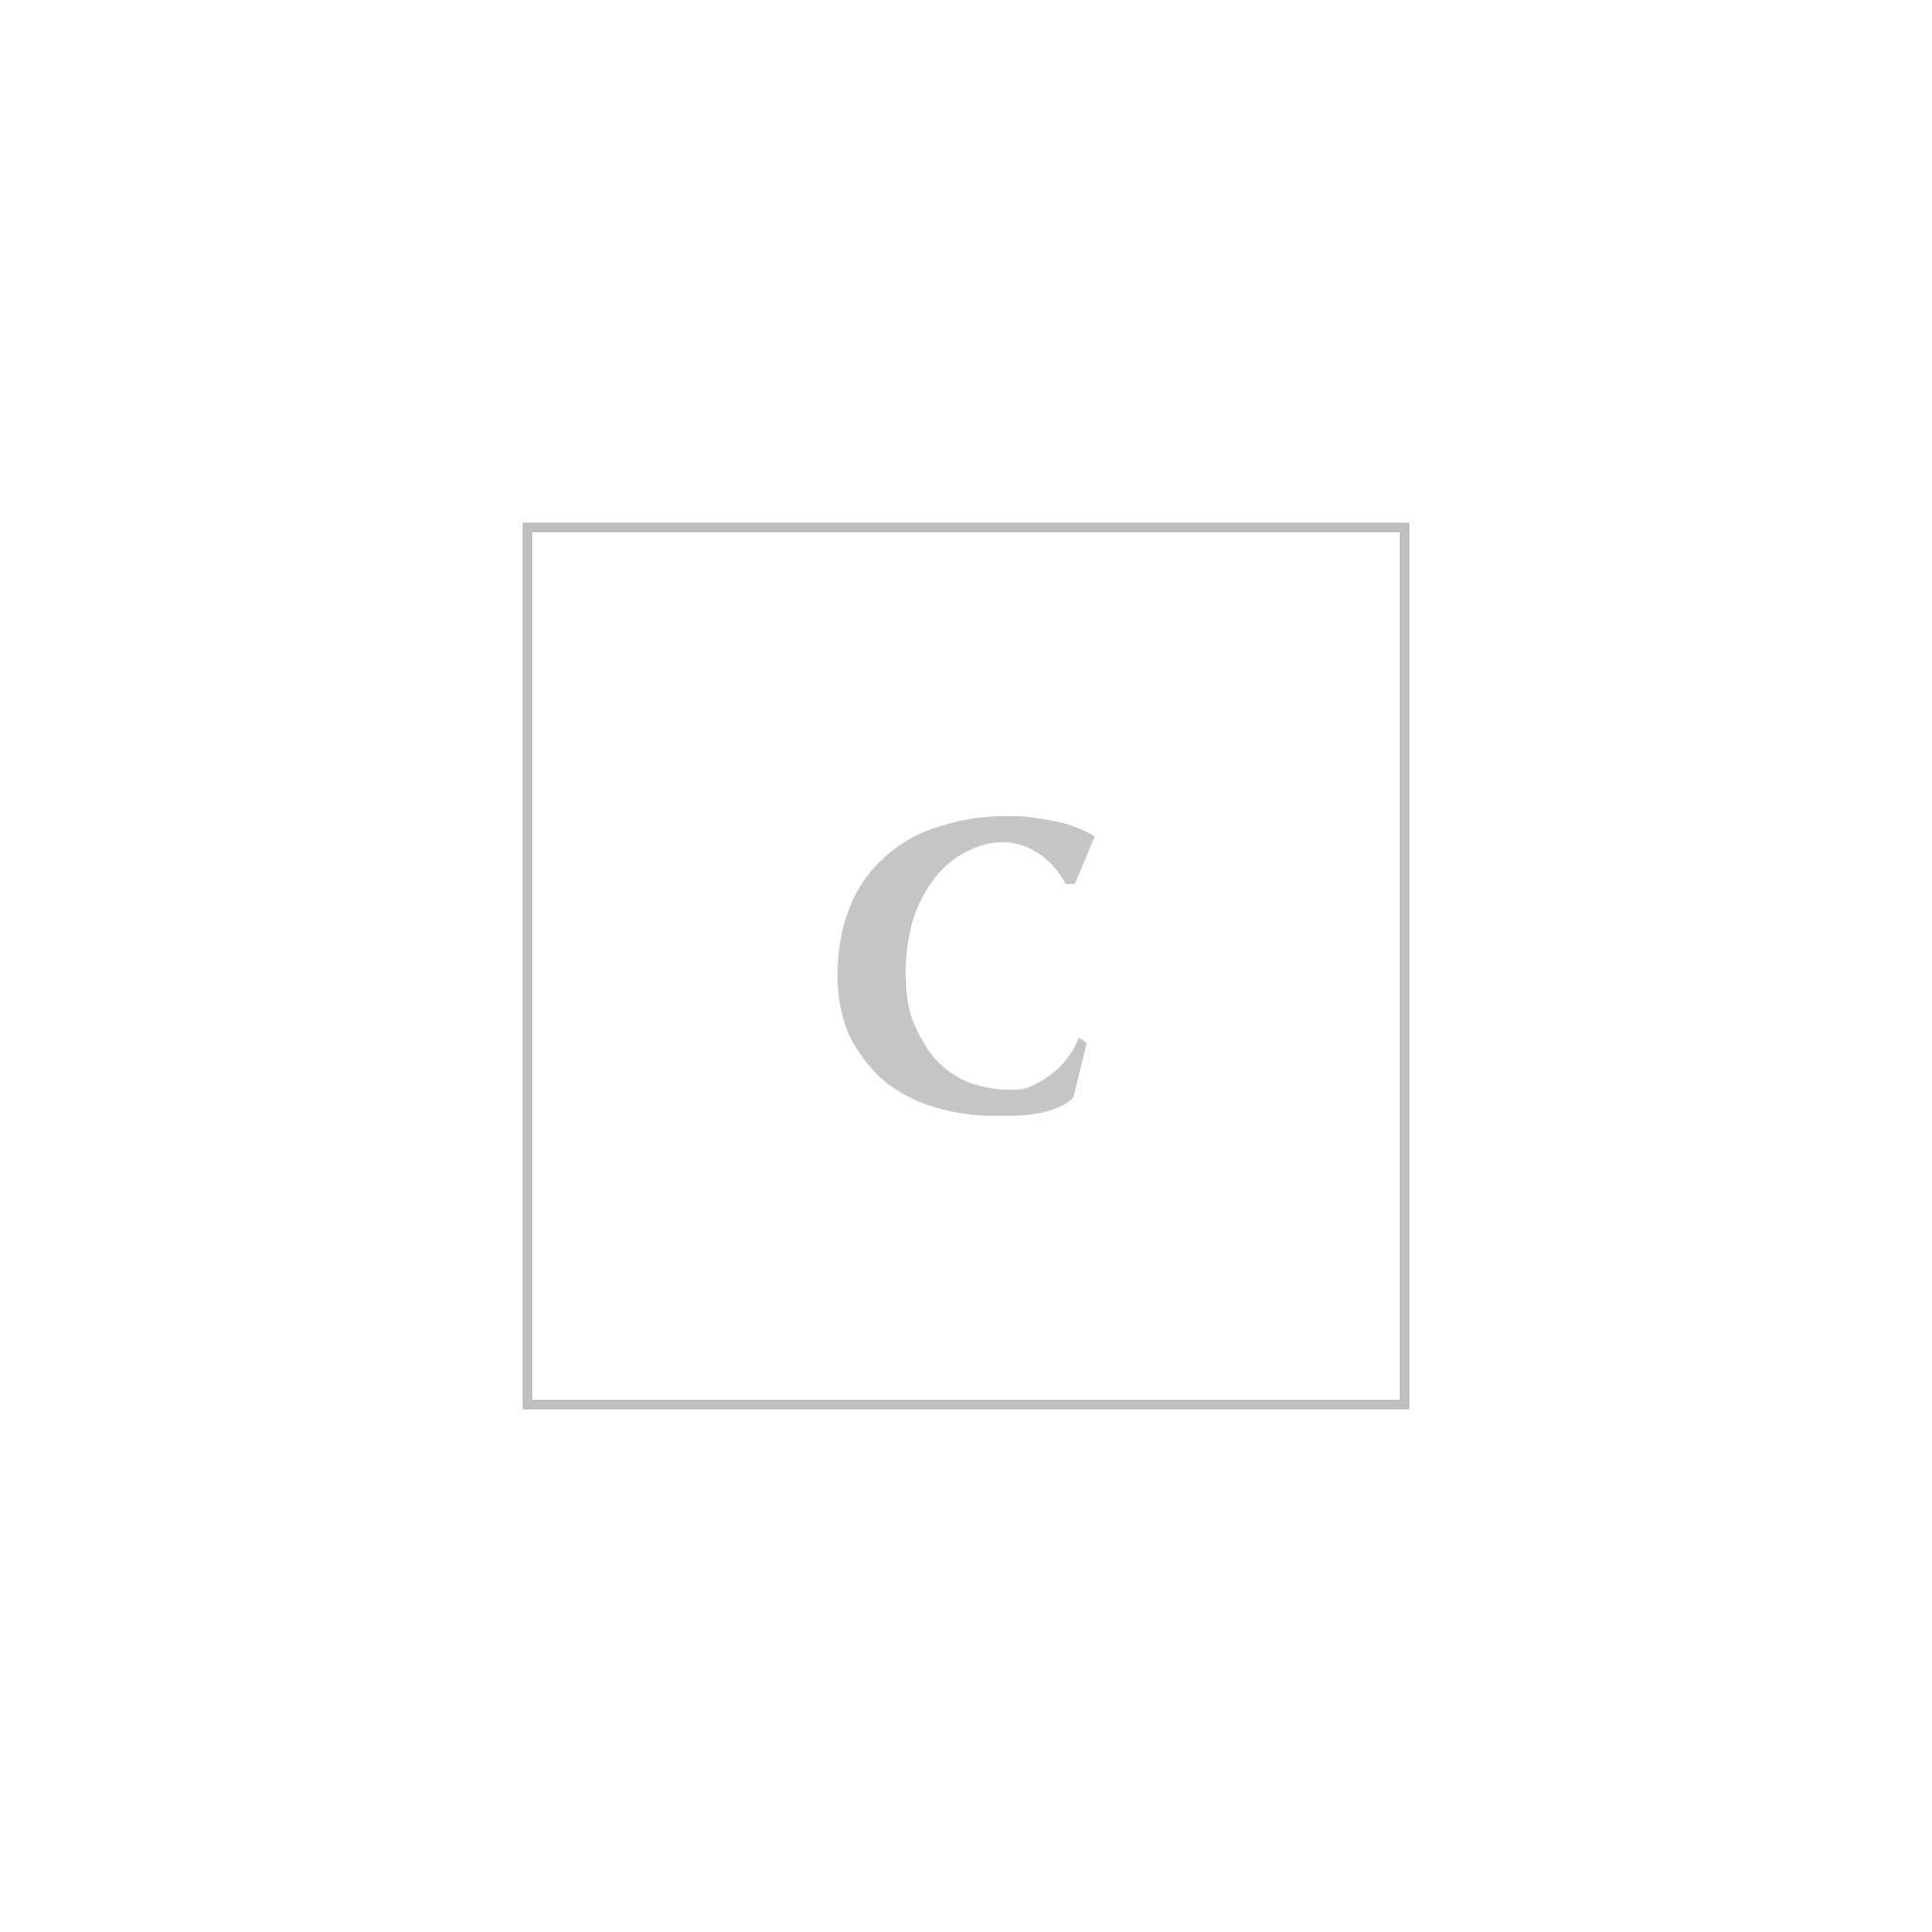 Saint laurent ysl borsa monogramme grain de poudre 3 mix matelasse